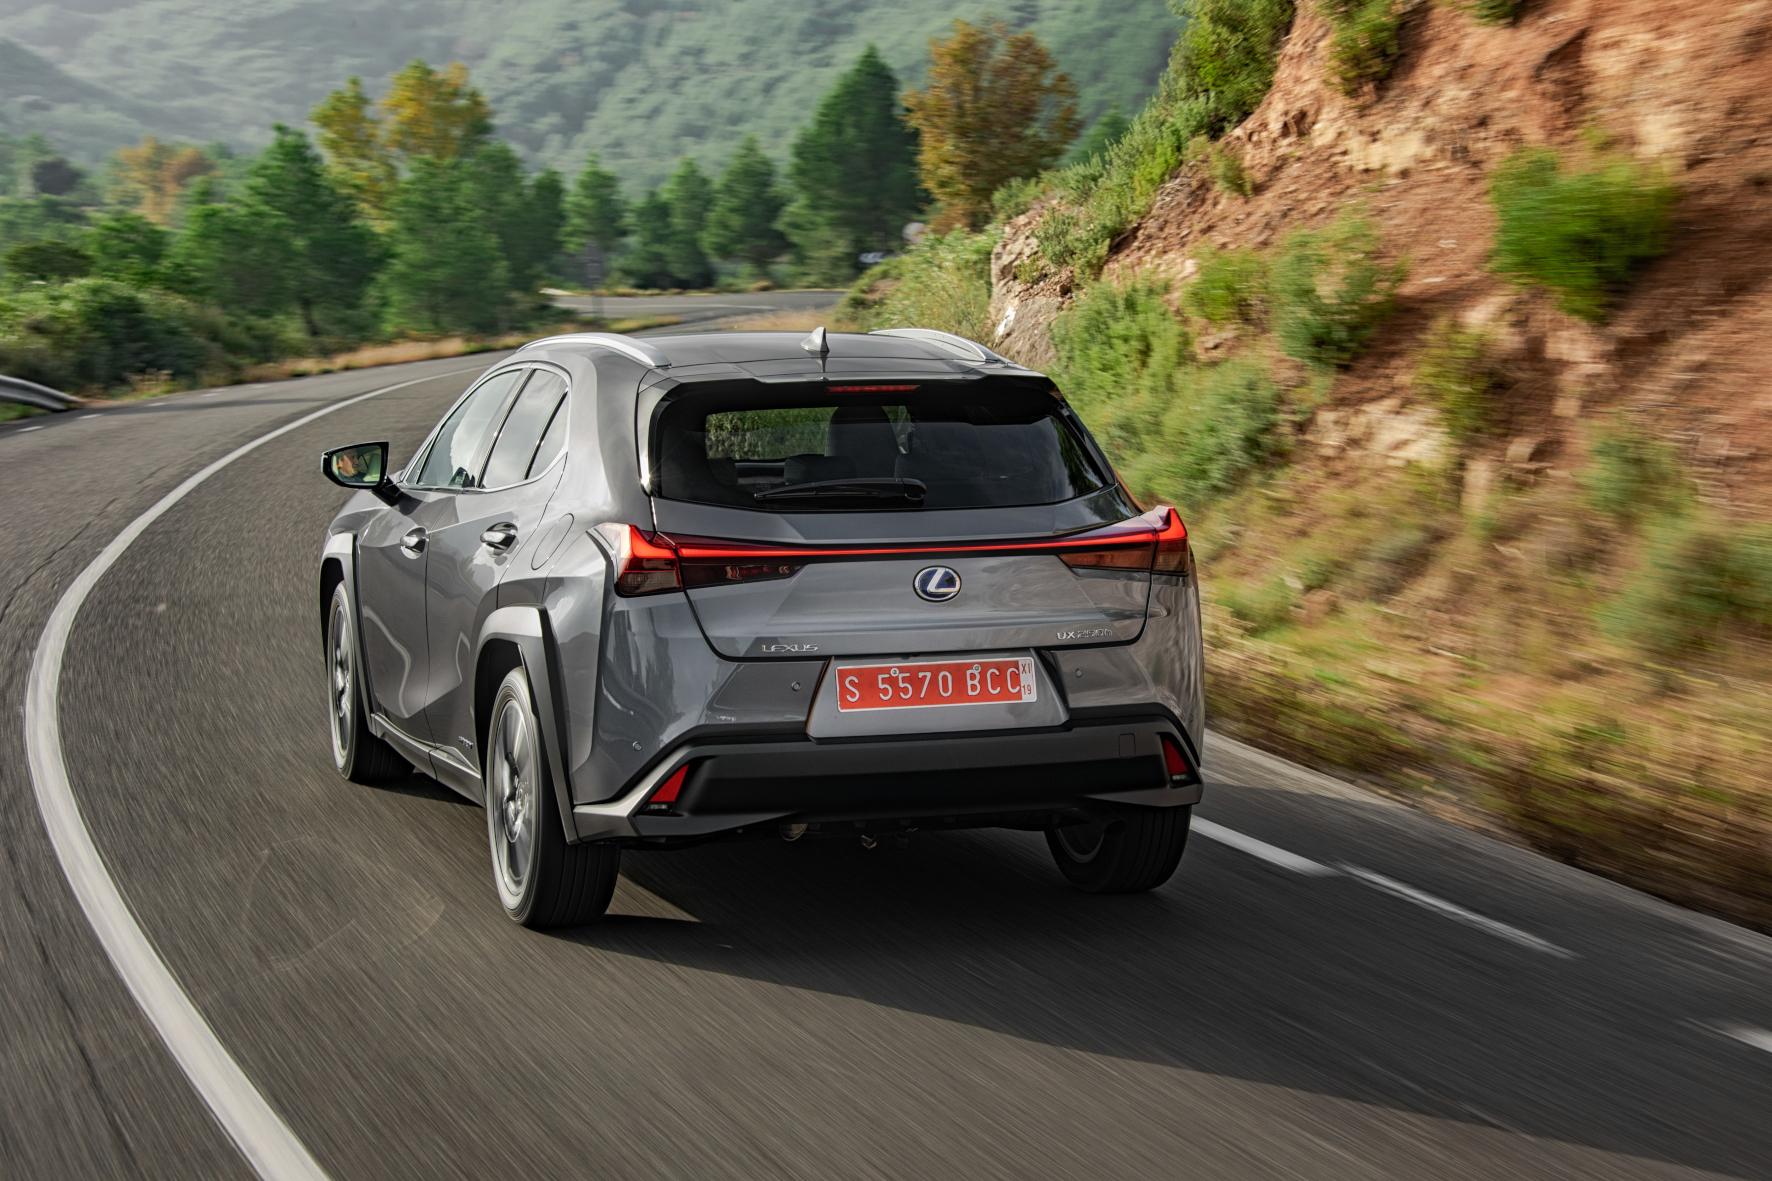 Windschlüpfig: Die Form der Heckleuchten verbessert den Cw-Wert des Lexus UX.